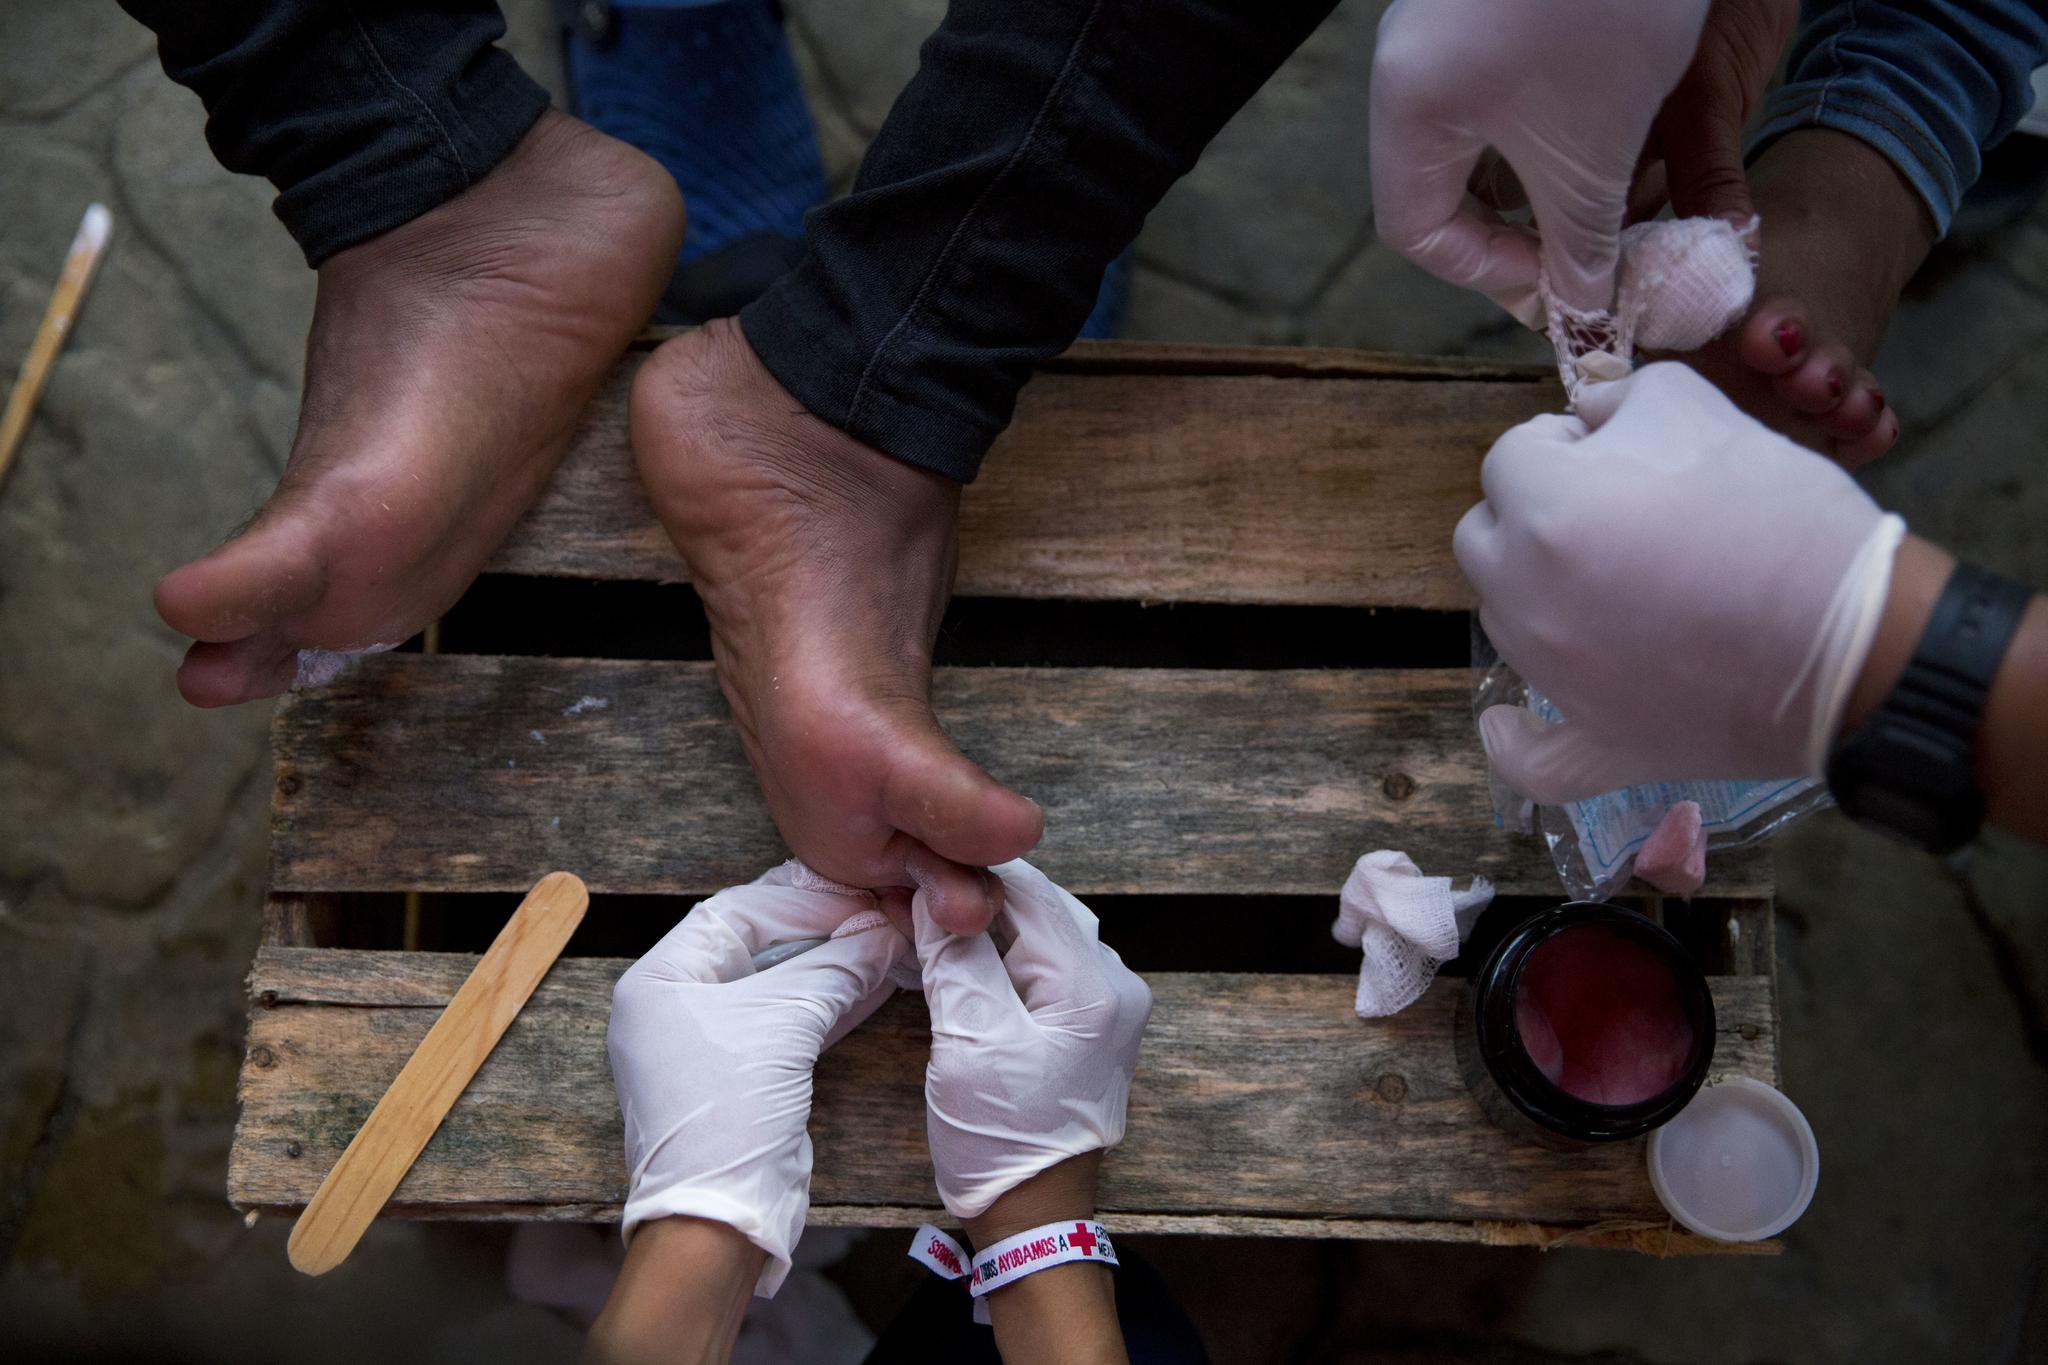 멕시코 적십자 자원봉사자들이 지난달 26일(현지시간) 멕시코 아리아가에서 이민자의 발을 치료하고 있다. [AP=연합뉴스]